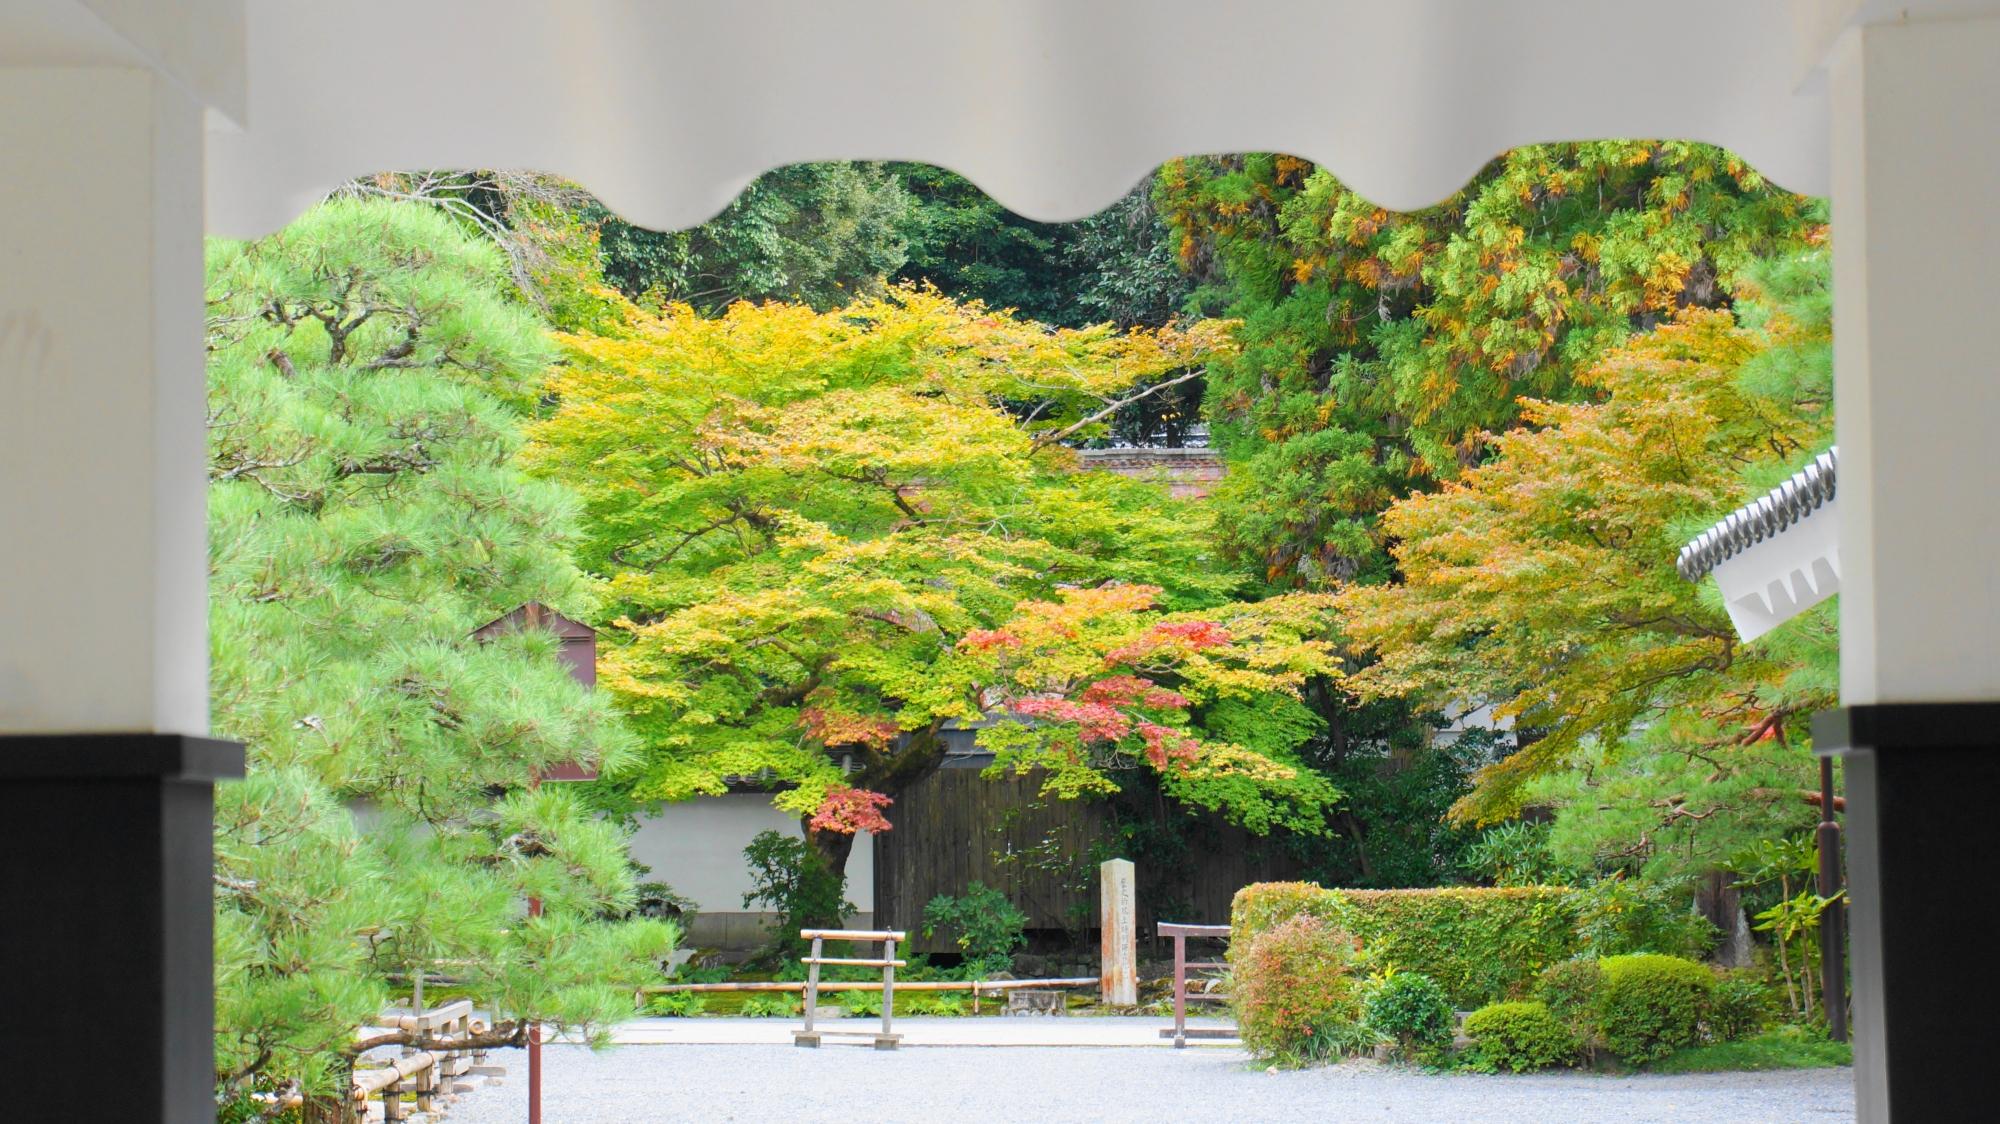 南禅寺の法堂から方丈へ続く回廊と綺麗な青もみじ